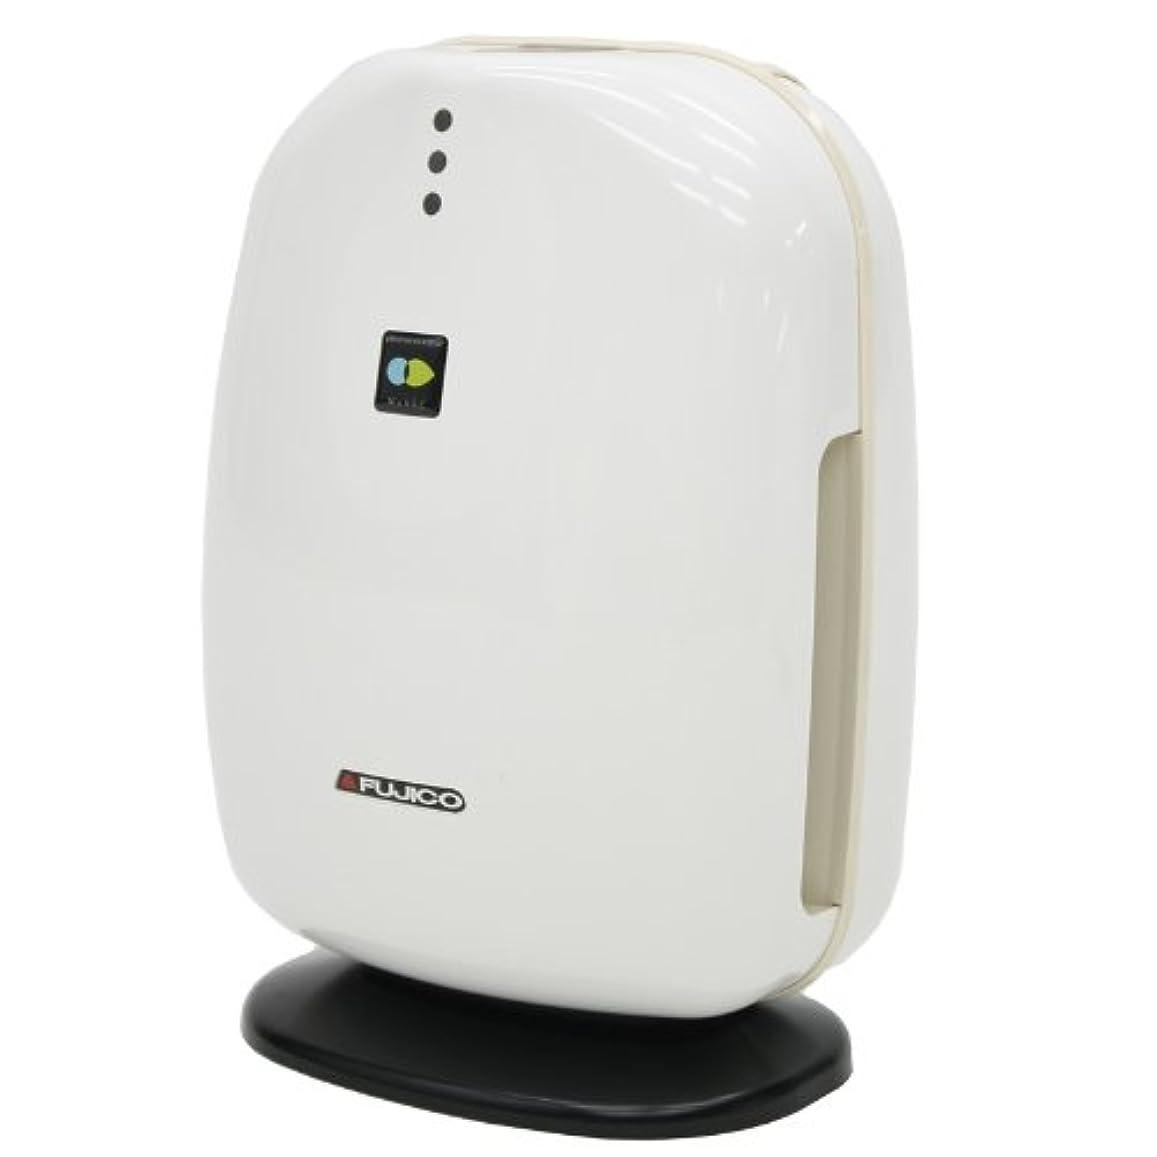 楽しませる世界的に信じられない空気消臭除菌装置マスククリーンMC-V2 ベージュ